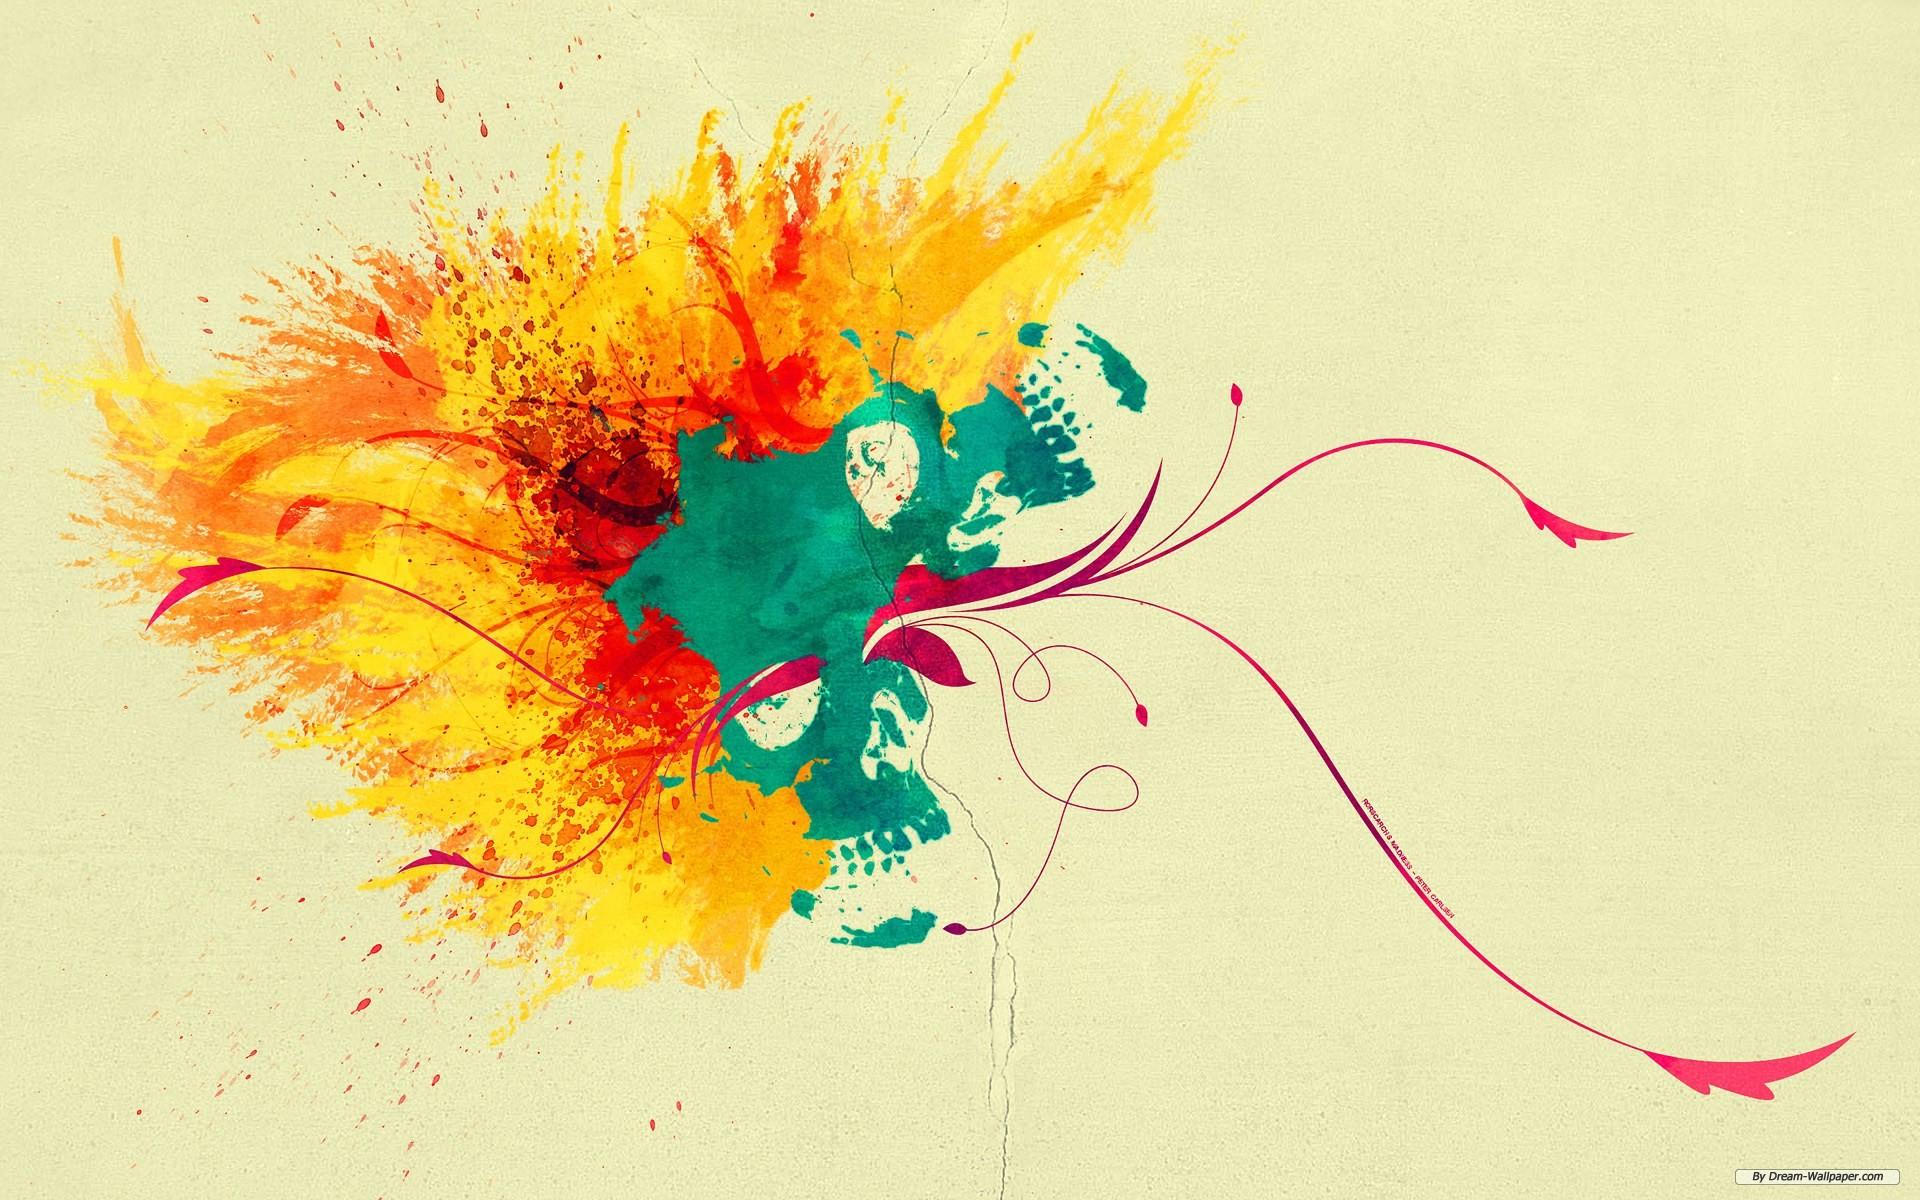 Desktop Wallpaper Art wallpaper   296882 1920x1200